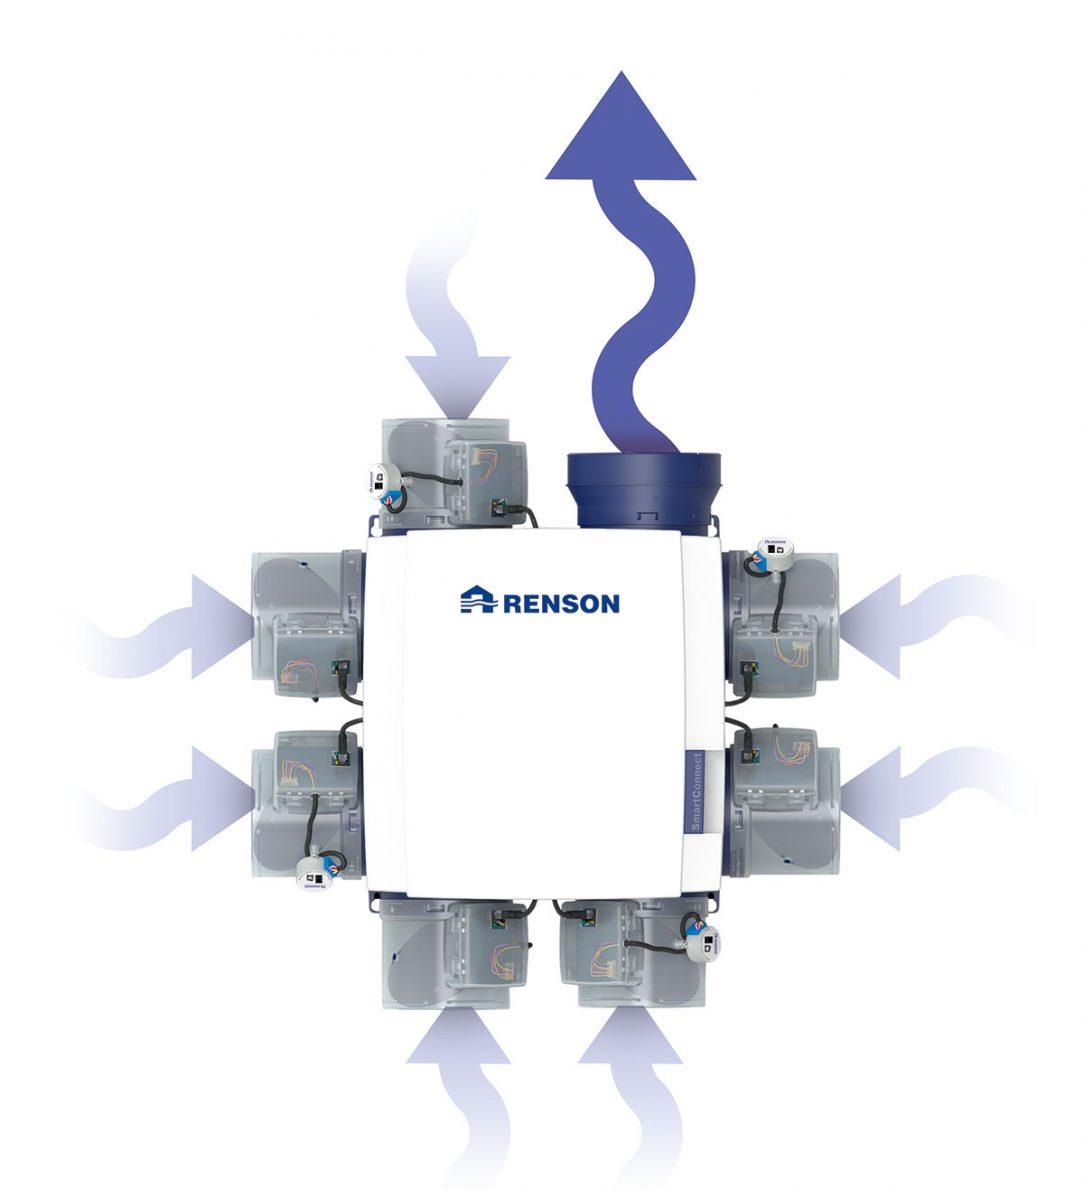 Firma Renson vyvinula zařízení známé jako Healthbox které soustavně kontroluje kvalitu vnitřního vzduchu